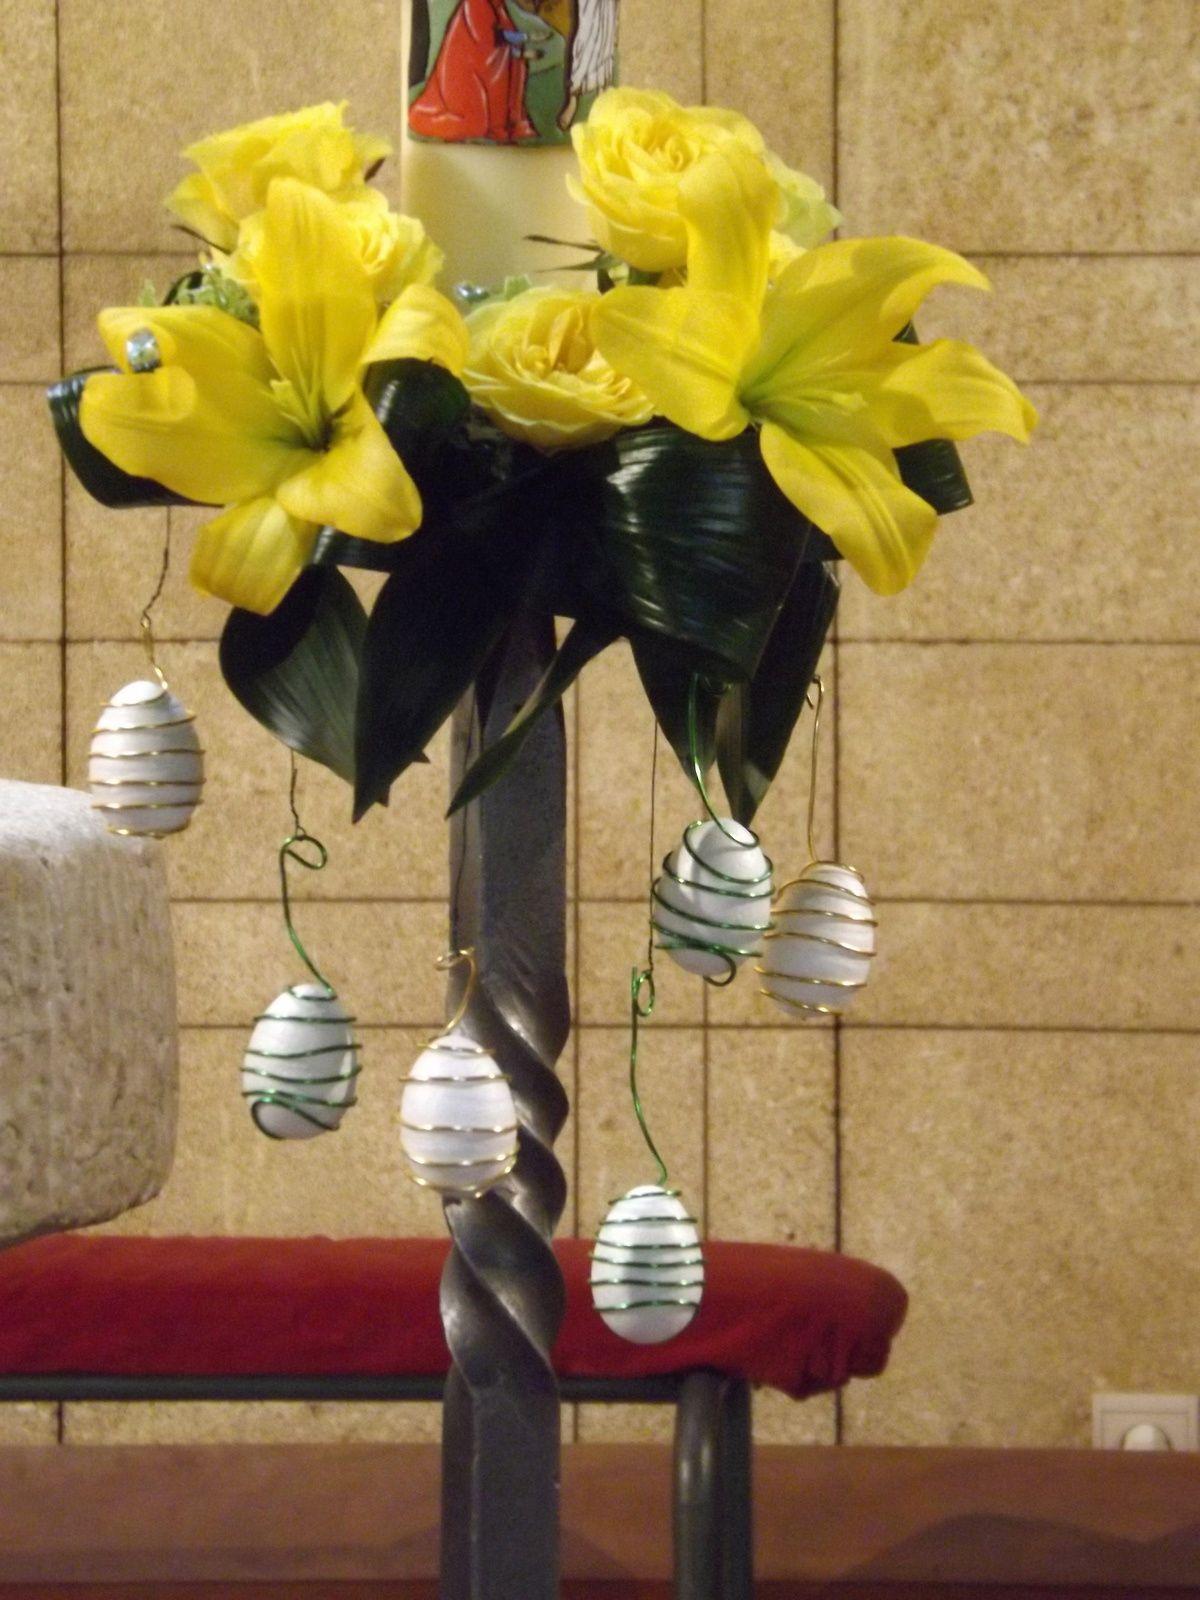 Lys jaune, germini jaune et orangé, roses, chamerops, aspidistra, pittosporum, oeufs en polystyrène recouvert de differents feuillages